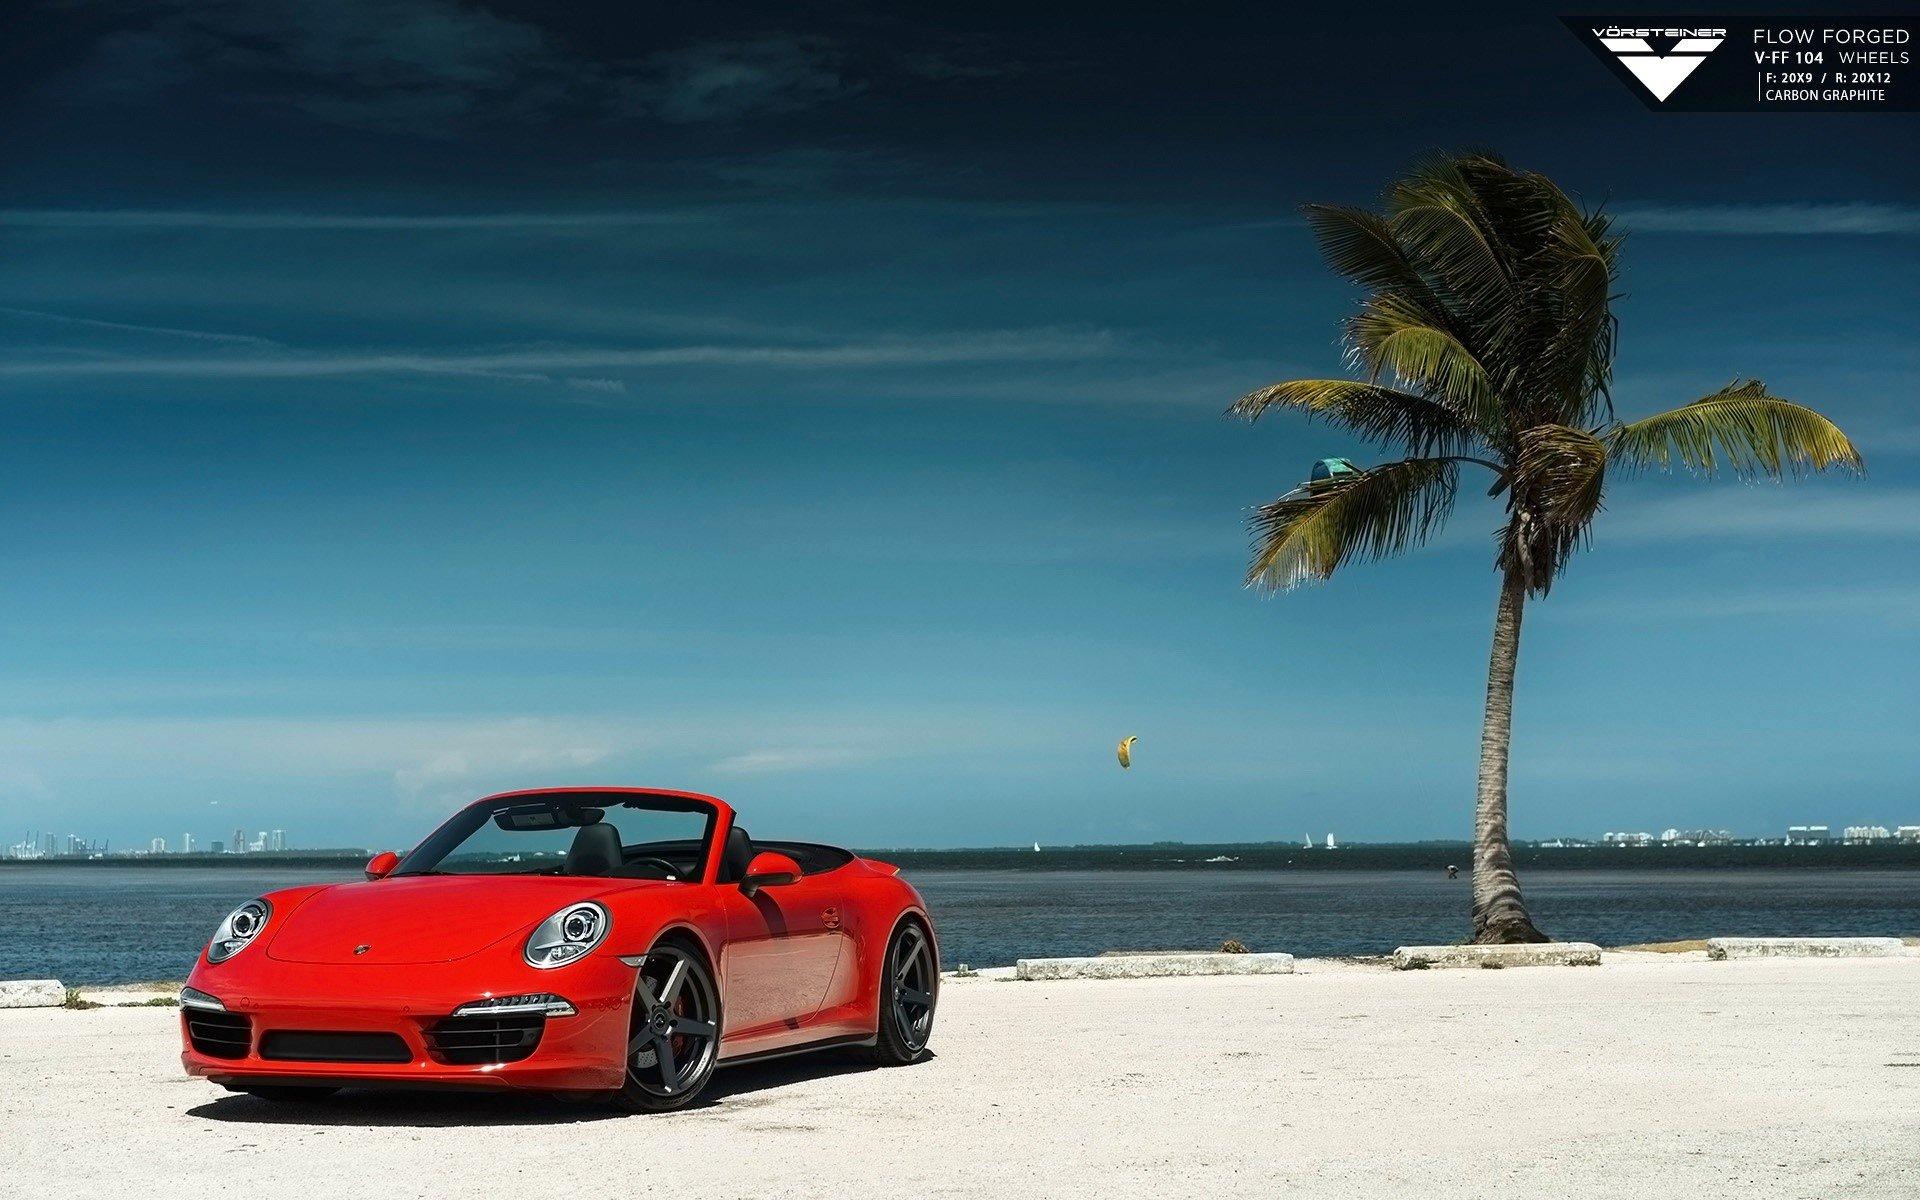 Wallpaper Vorsteiner Porsche 911 Carrera 4S VFF 104